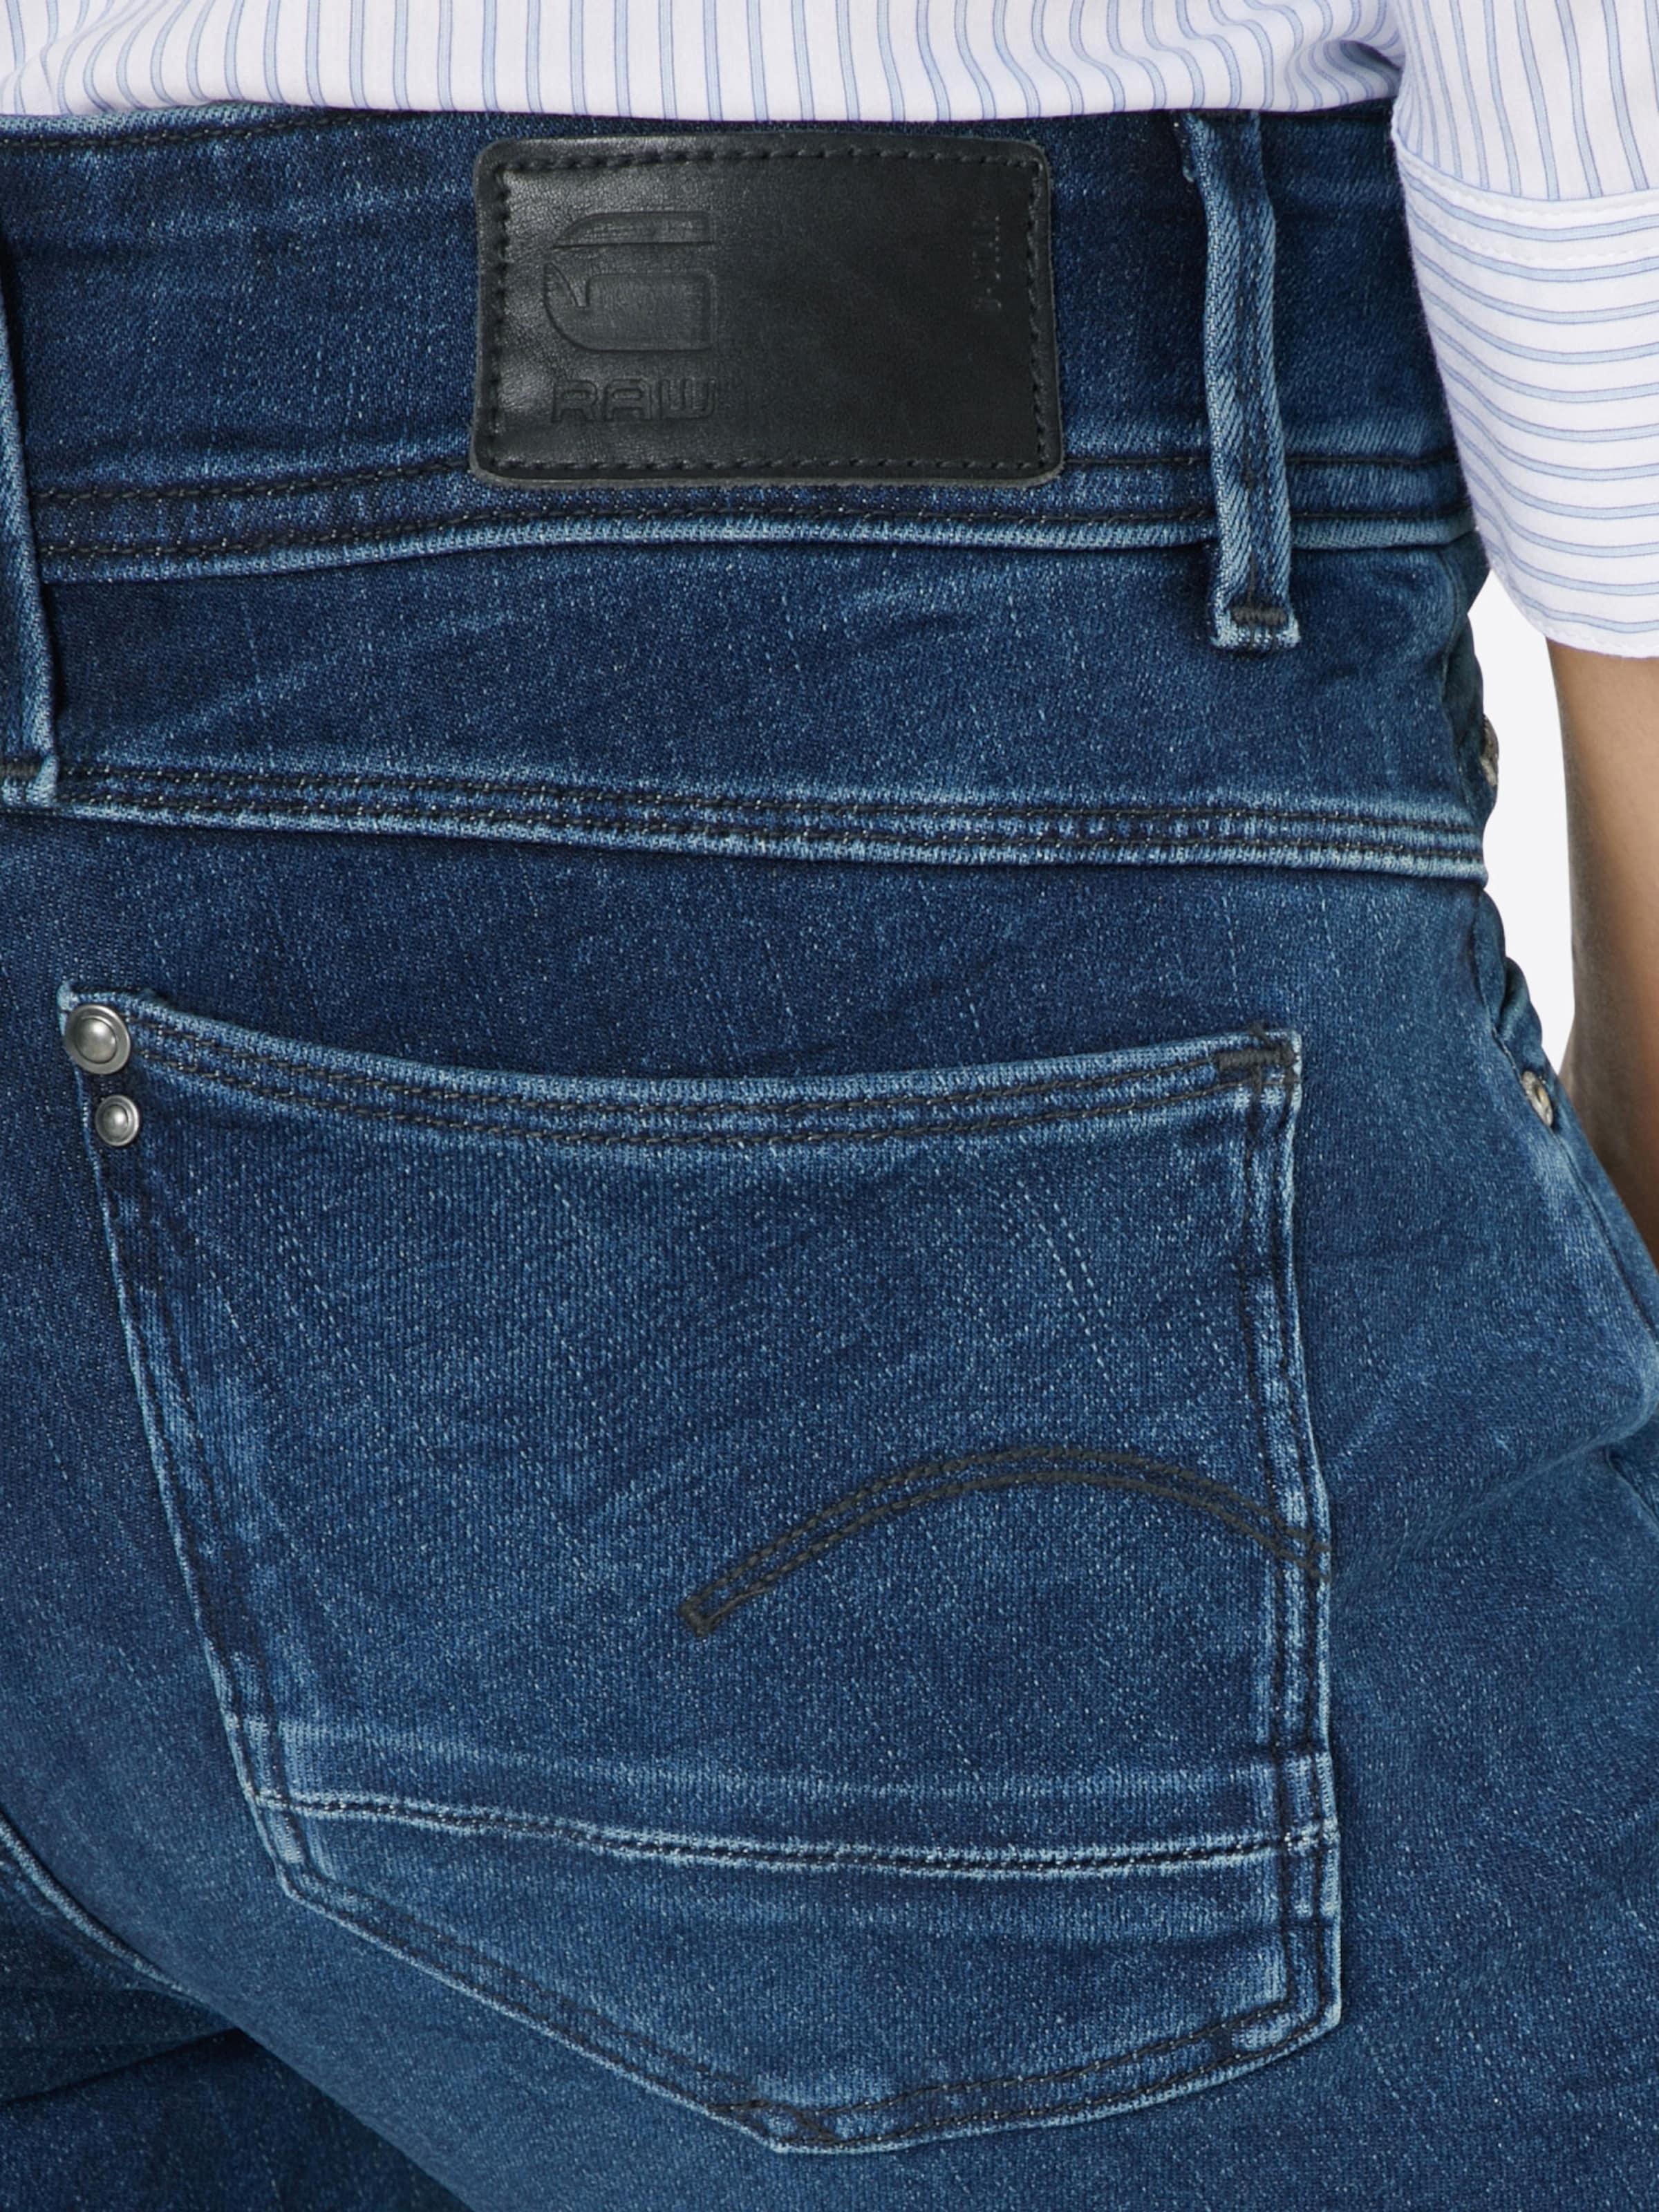 G-STAR RAW Jeans 'Lynn' Verkauf Wählen Eine Beste Zum Verkauf Großhandelspreis LvKmwgK